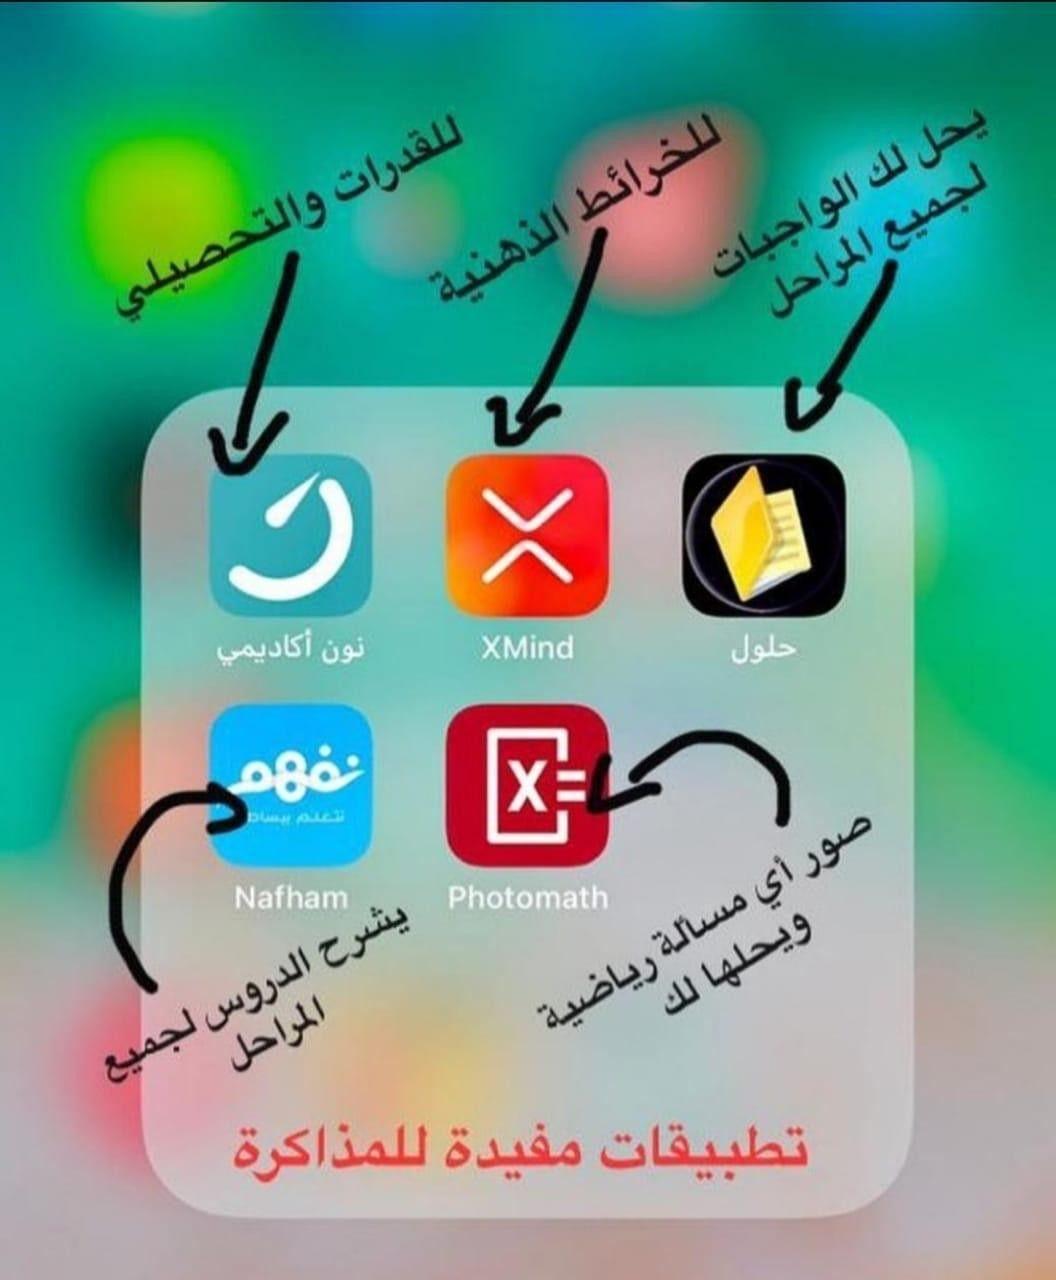 للمذاكره (With images) Iphone app layout, Application